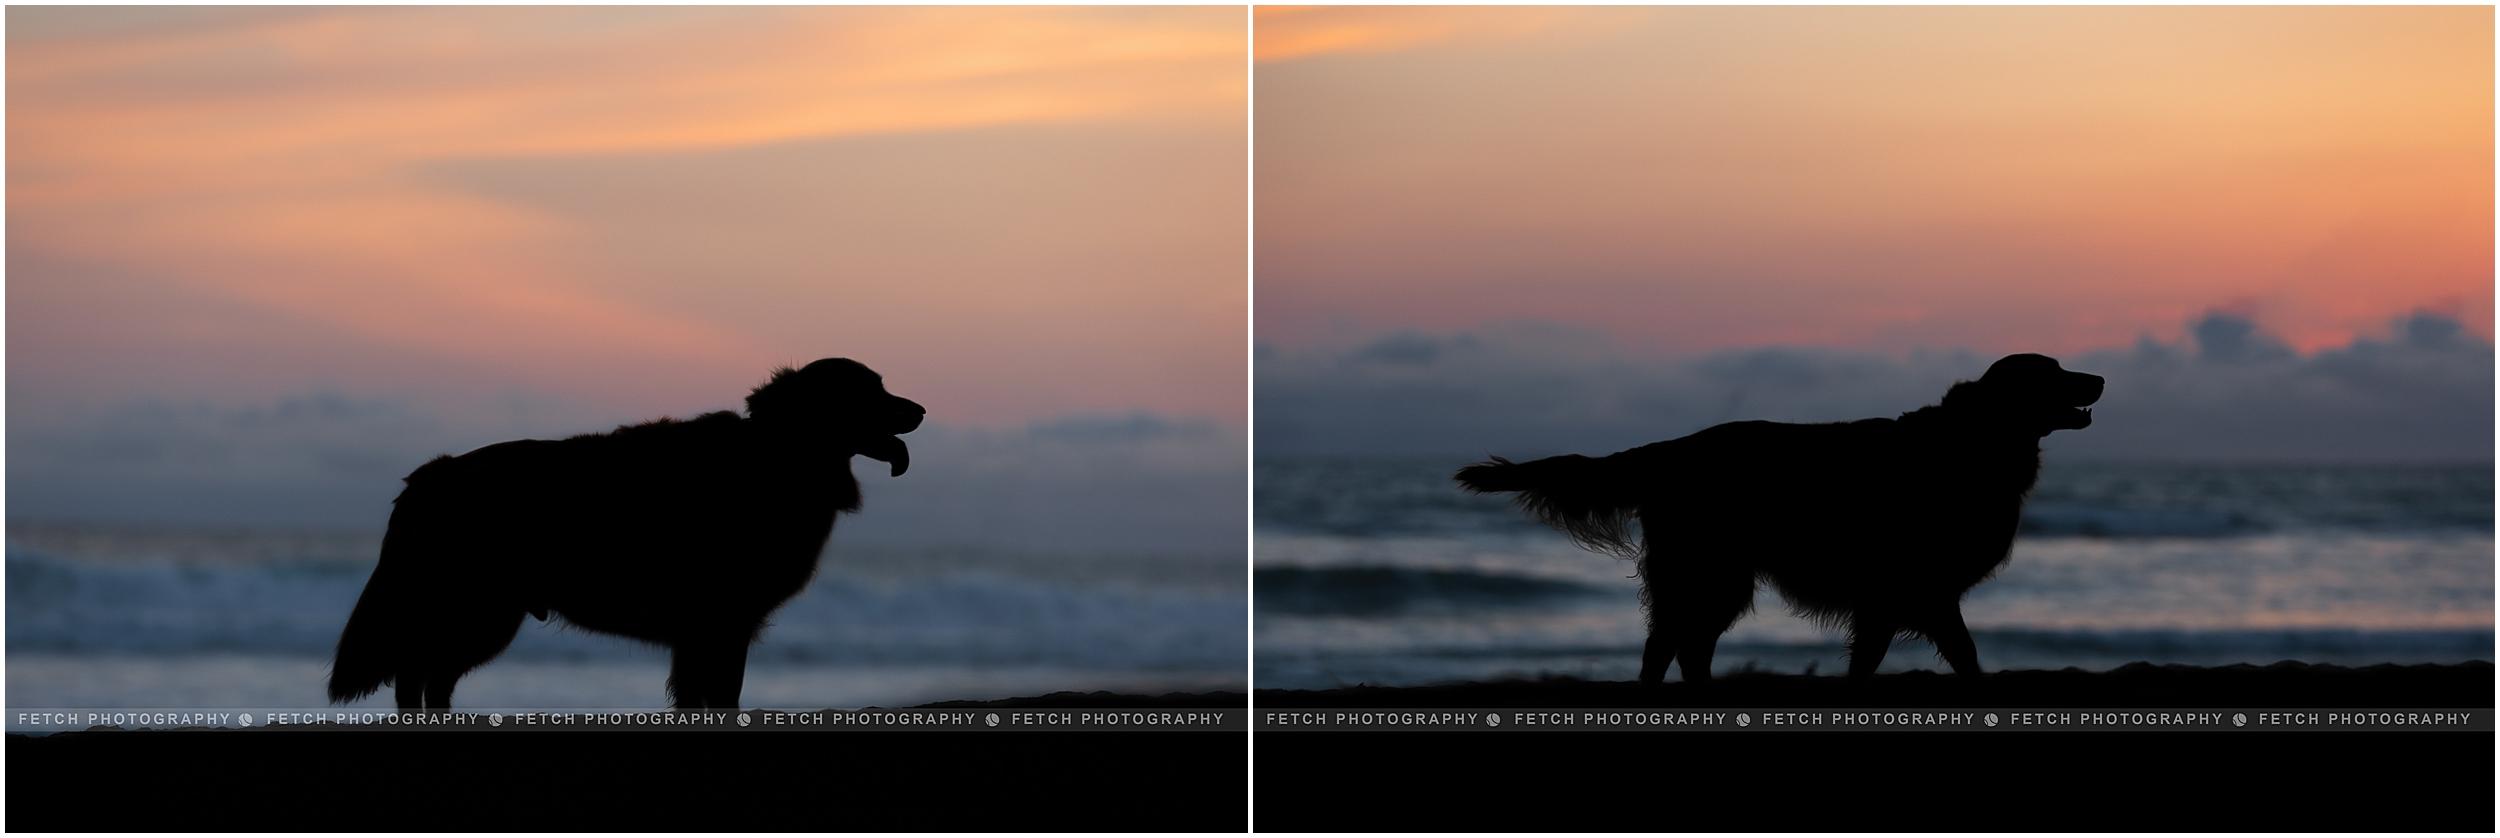 golden-retriever-silhouette